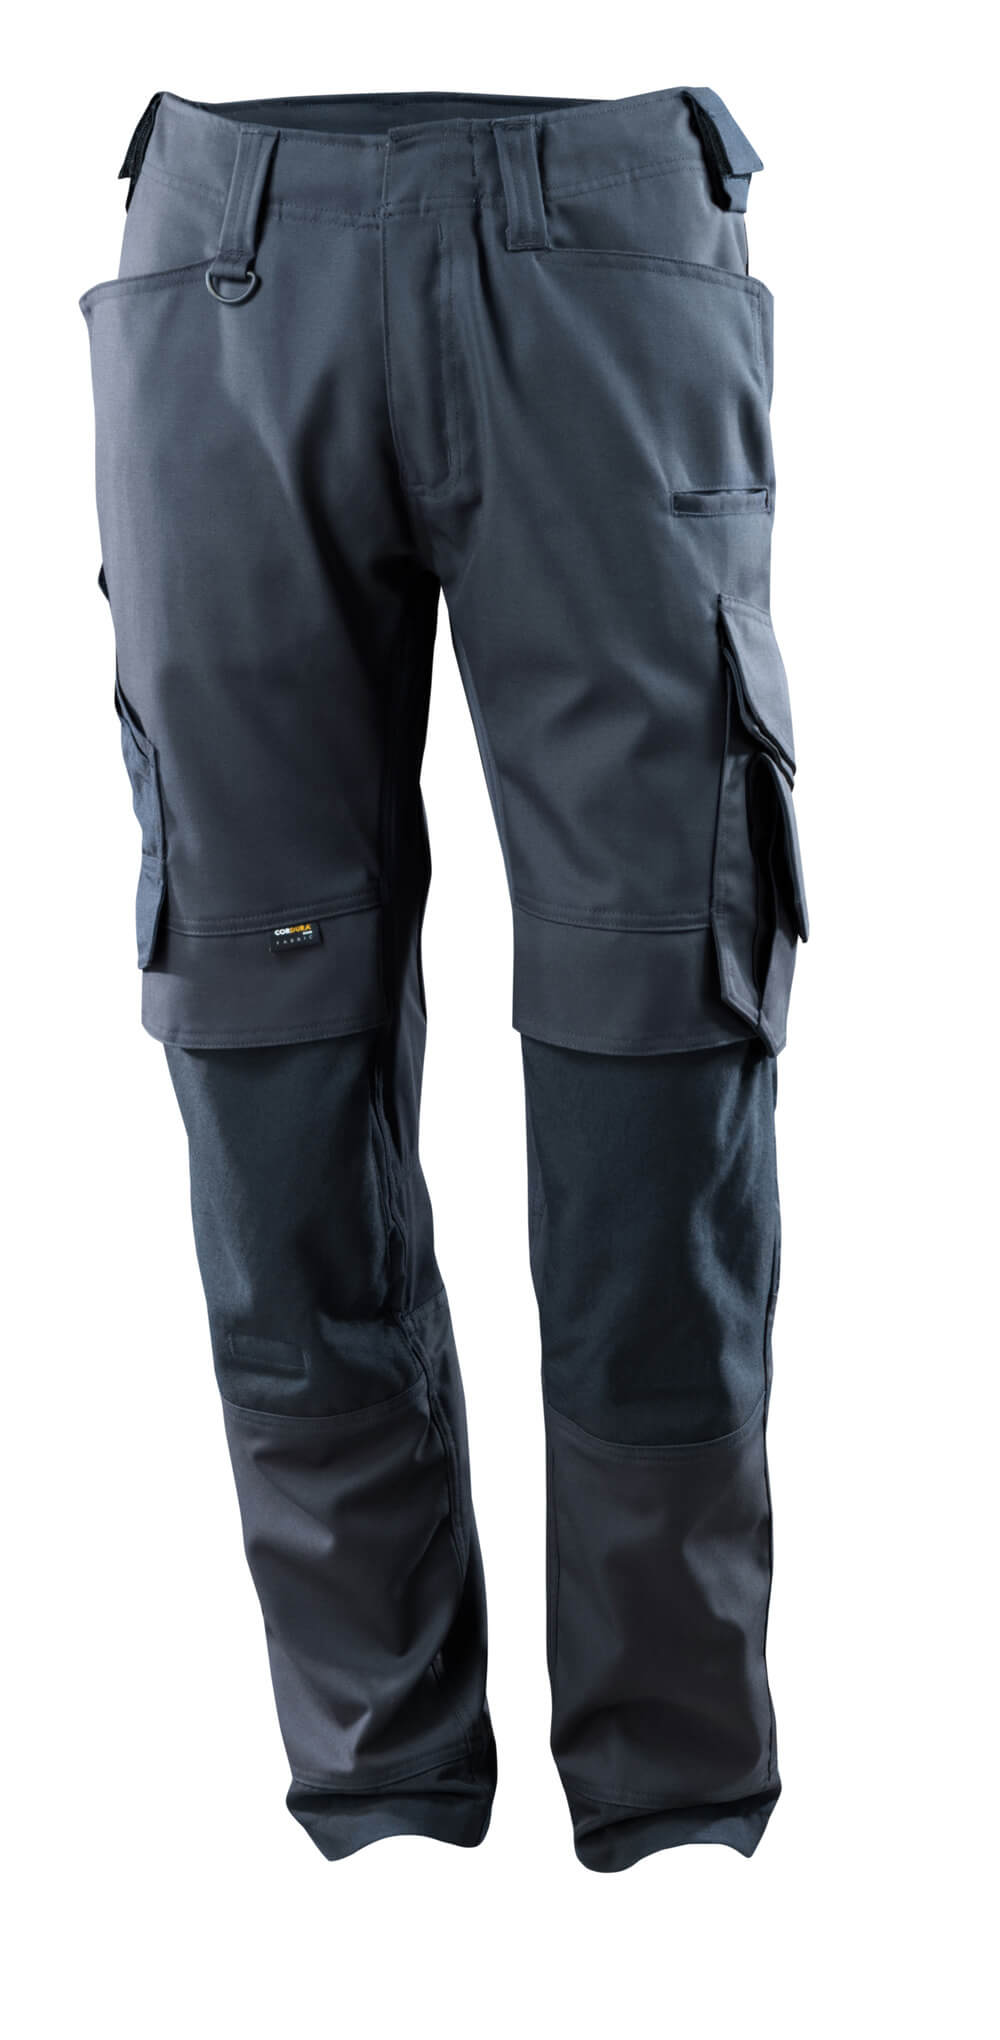 15079-010-010 Bukser med knælommer - mørk marine